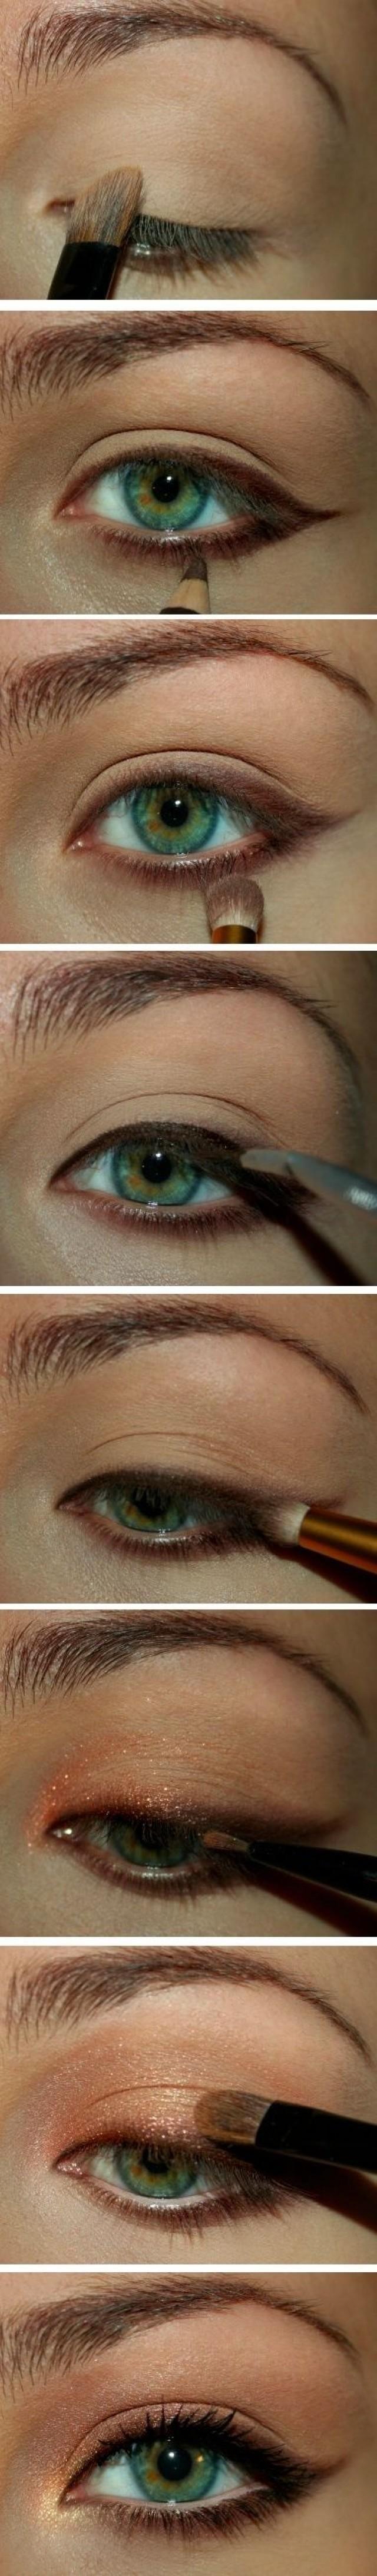 Love simple eyes!